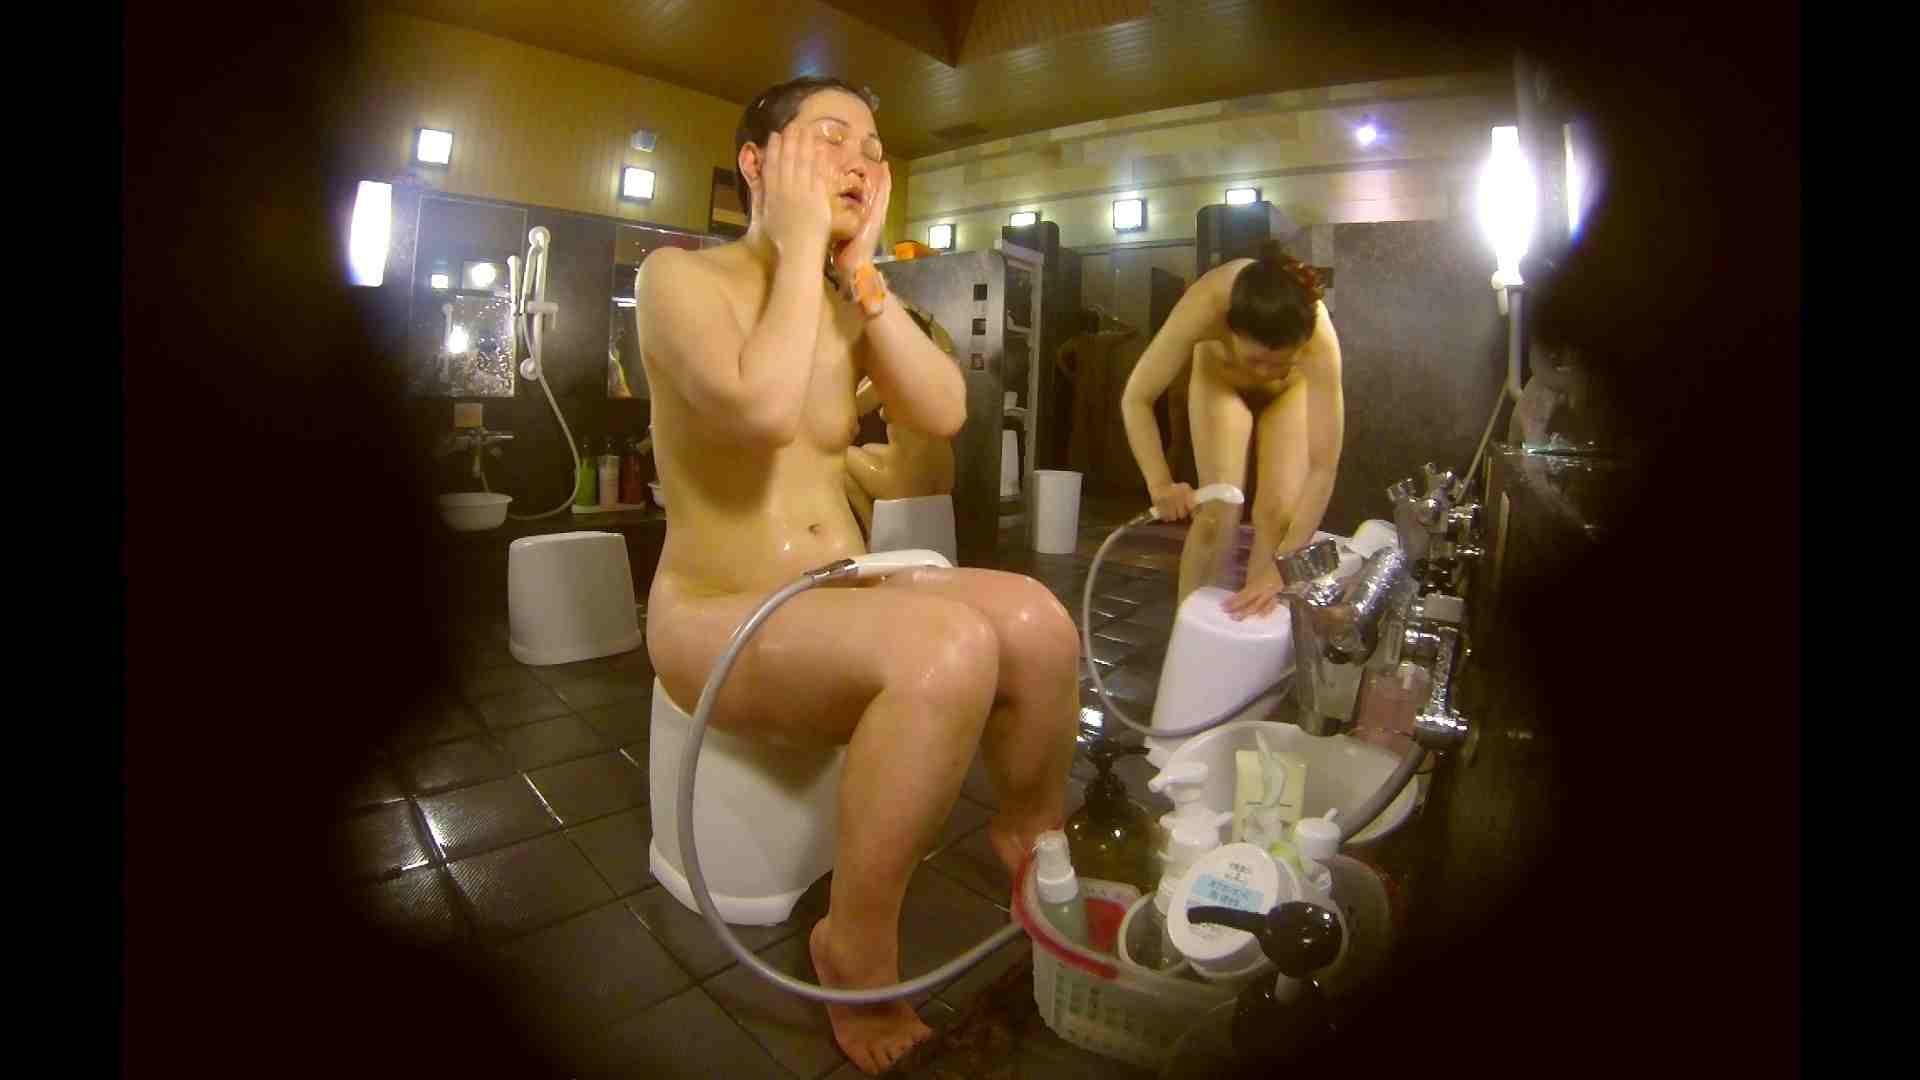 オムニバス!洗い場、通路など色々な裸体が見れてお得です。 お姉さんのSEX エロ画像 89枚 75